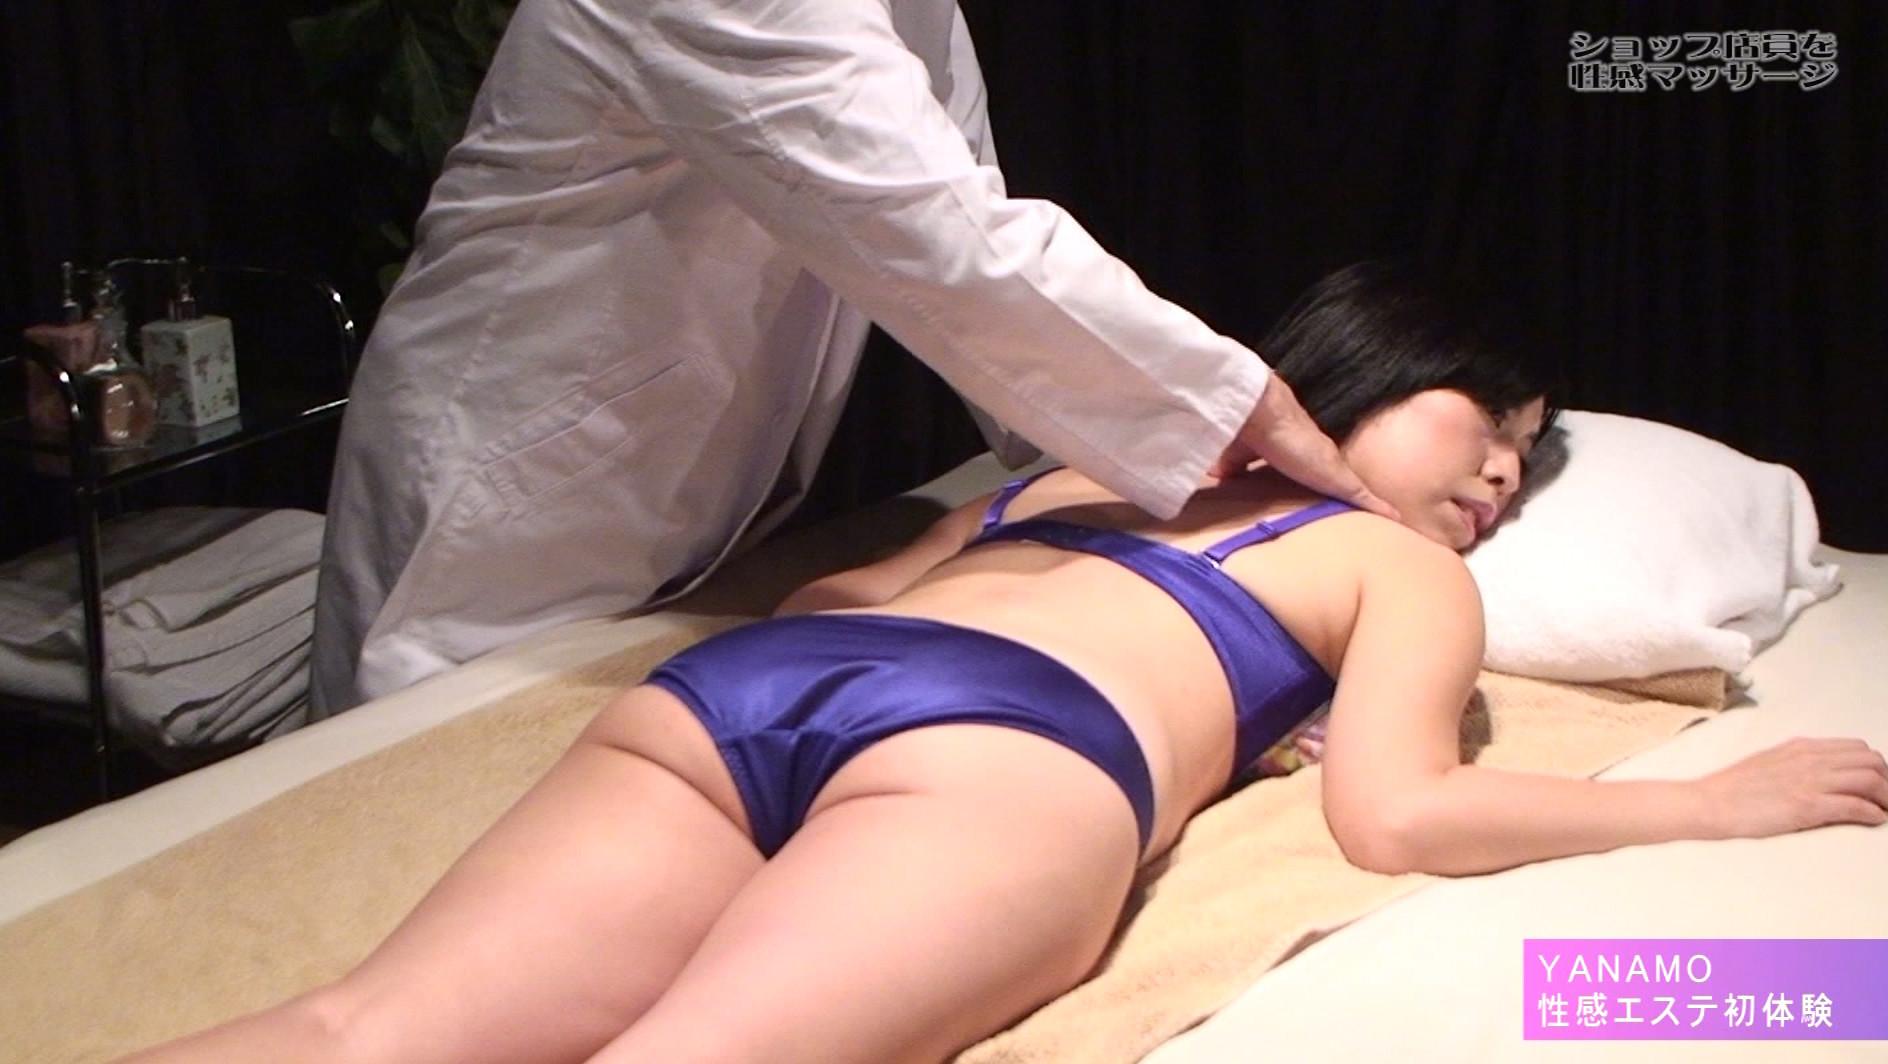 かわいいショップ店員のお姉さんを性感マッサージでとことんイカせてみた 画像3